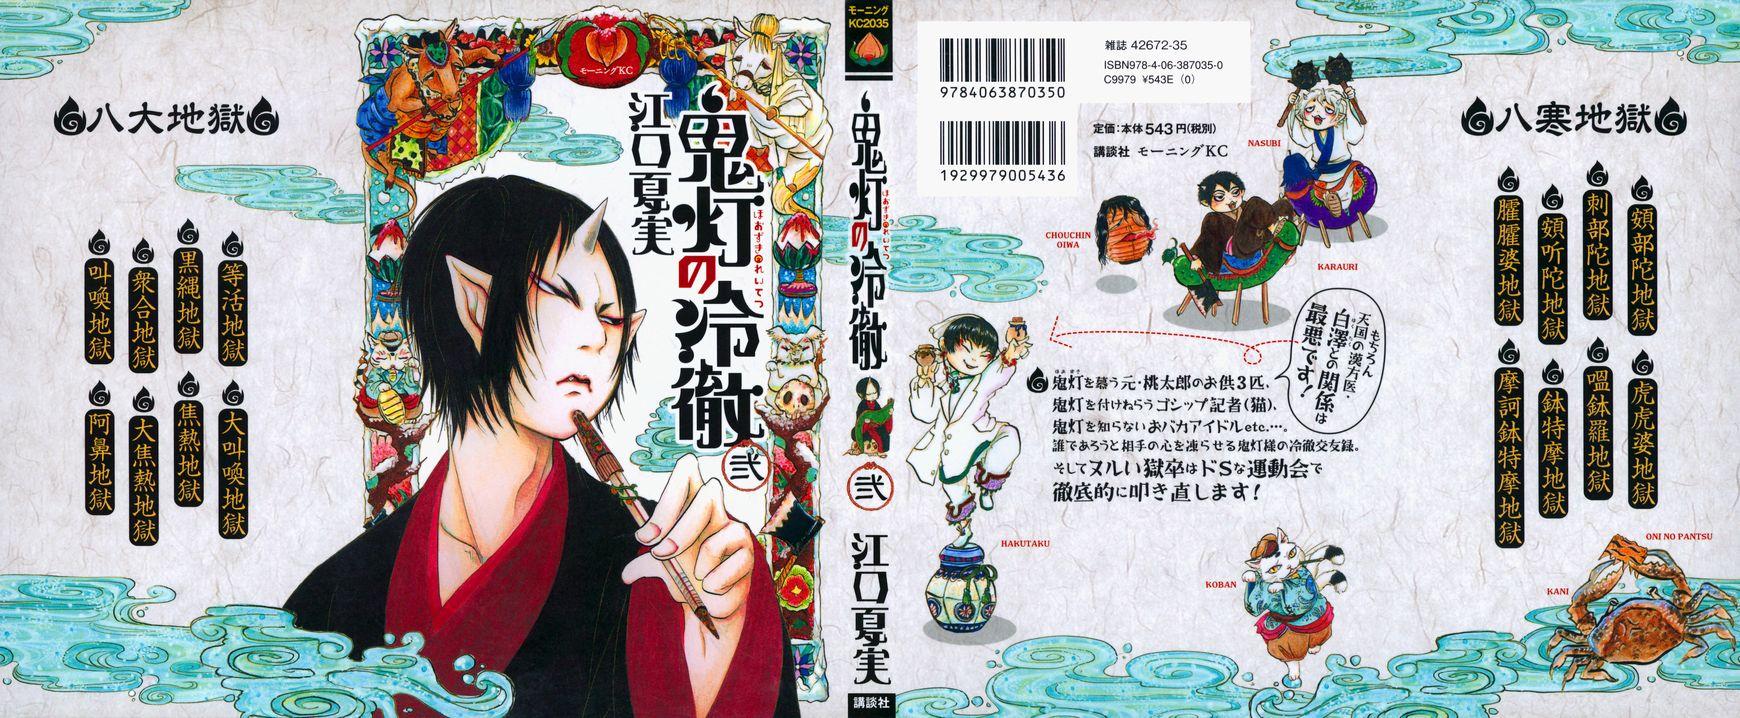 Hoozuki no Reitetsu 7 Page 1